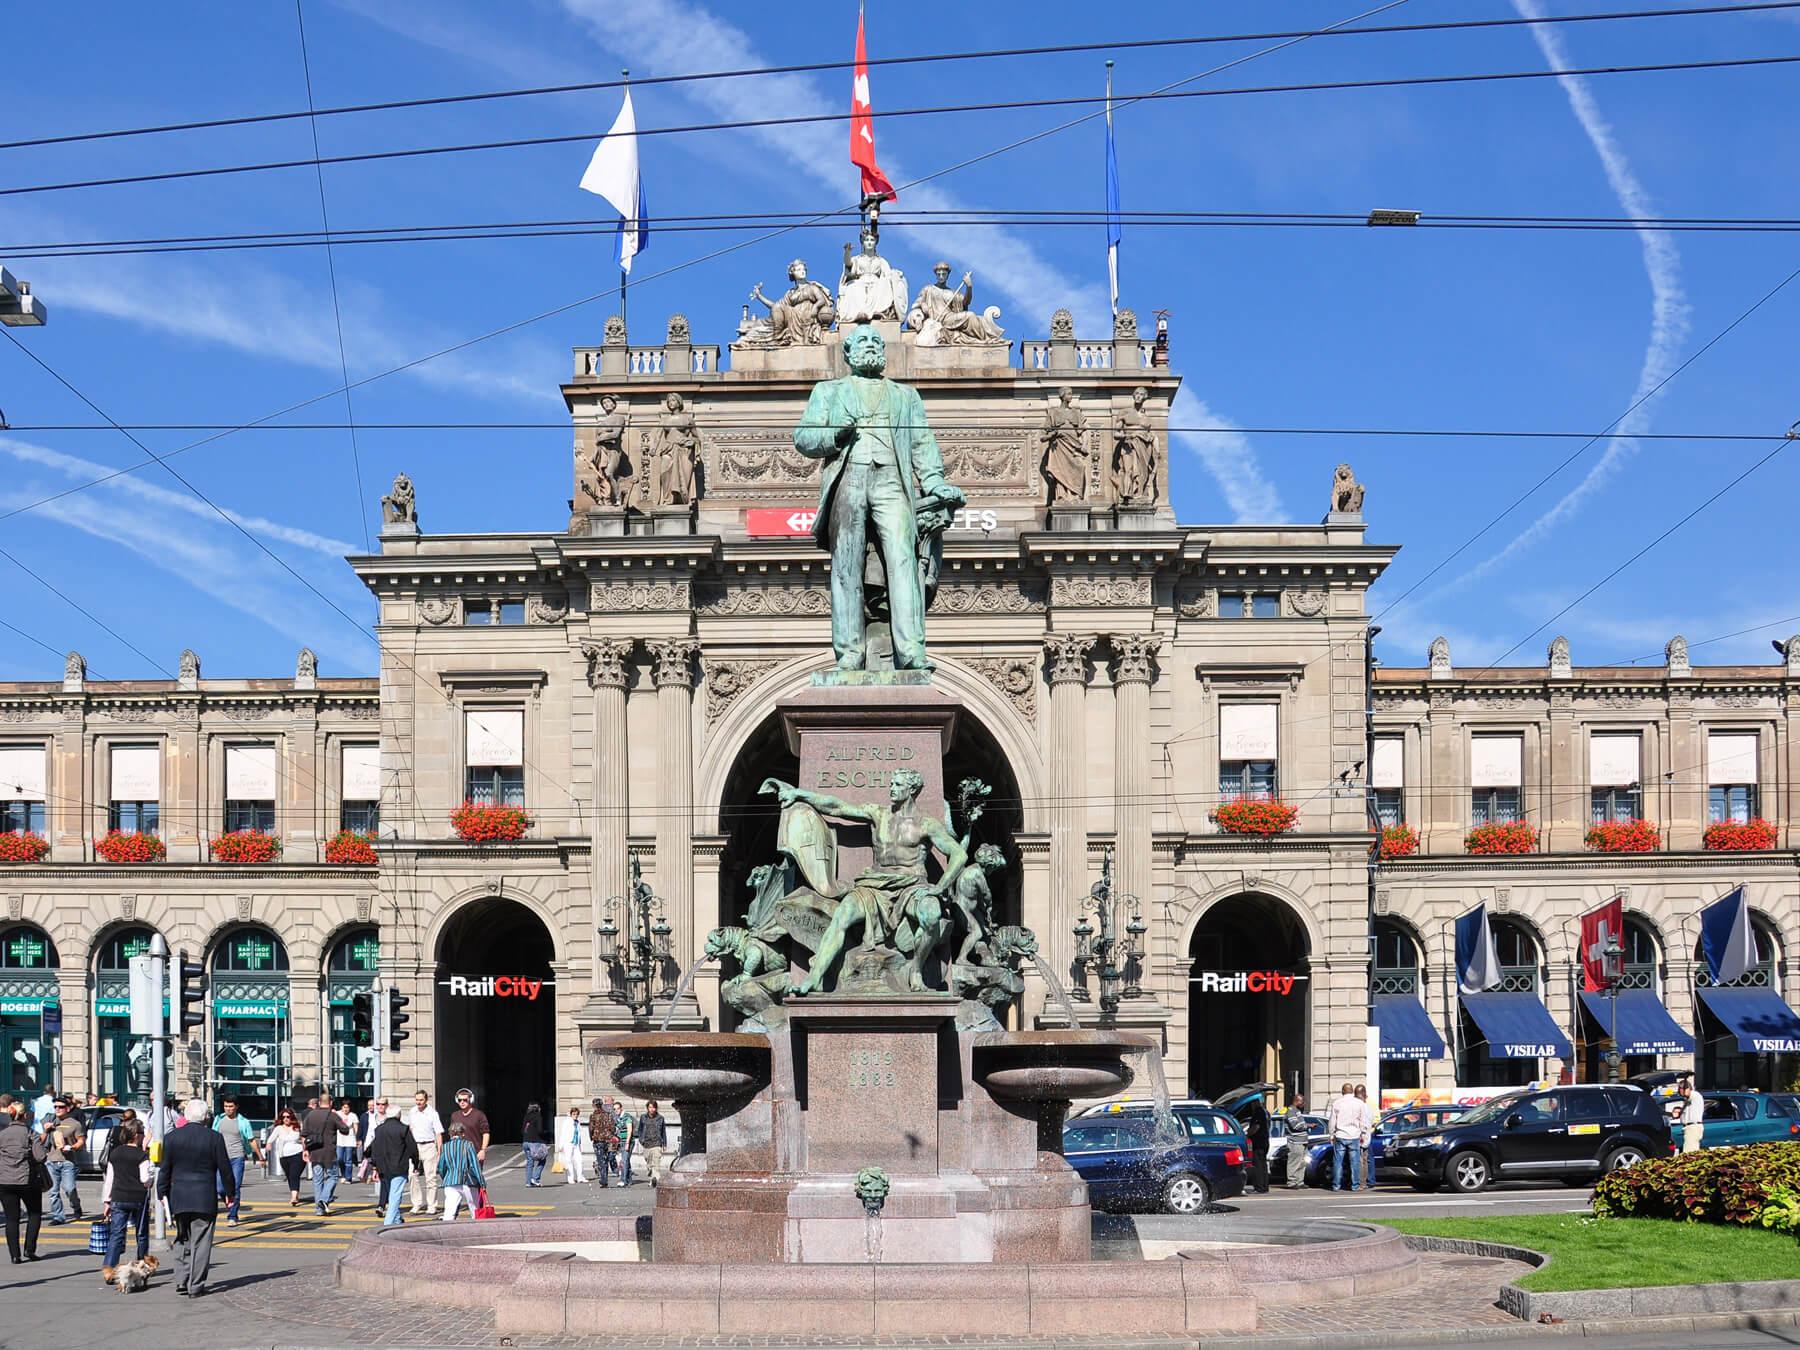 Памятник Альфреду Эшеру - основателю железных дорог